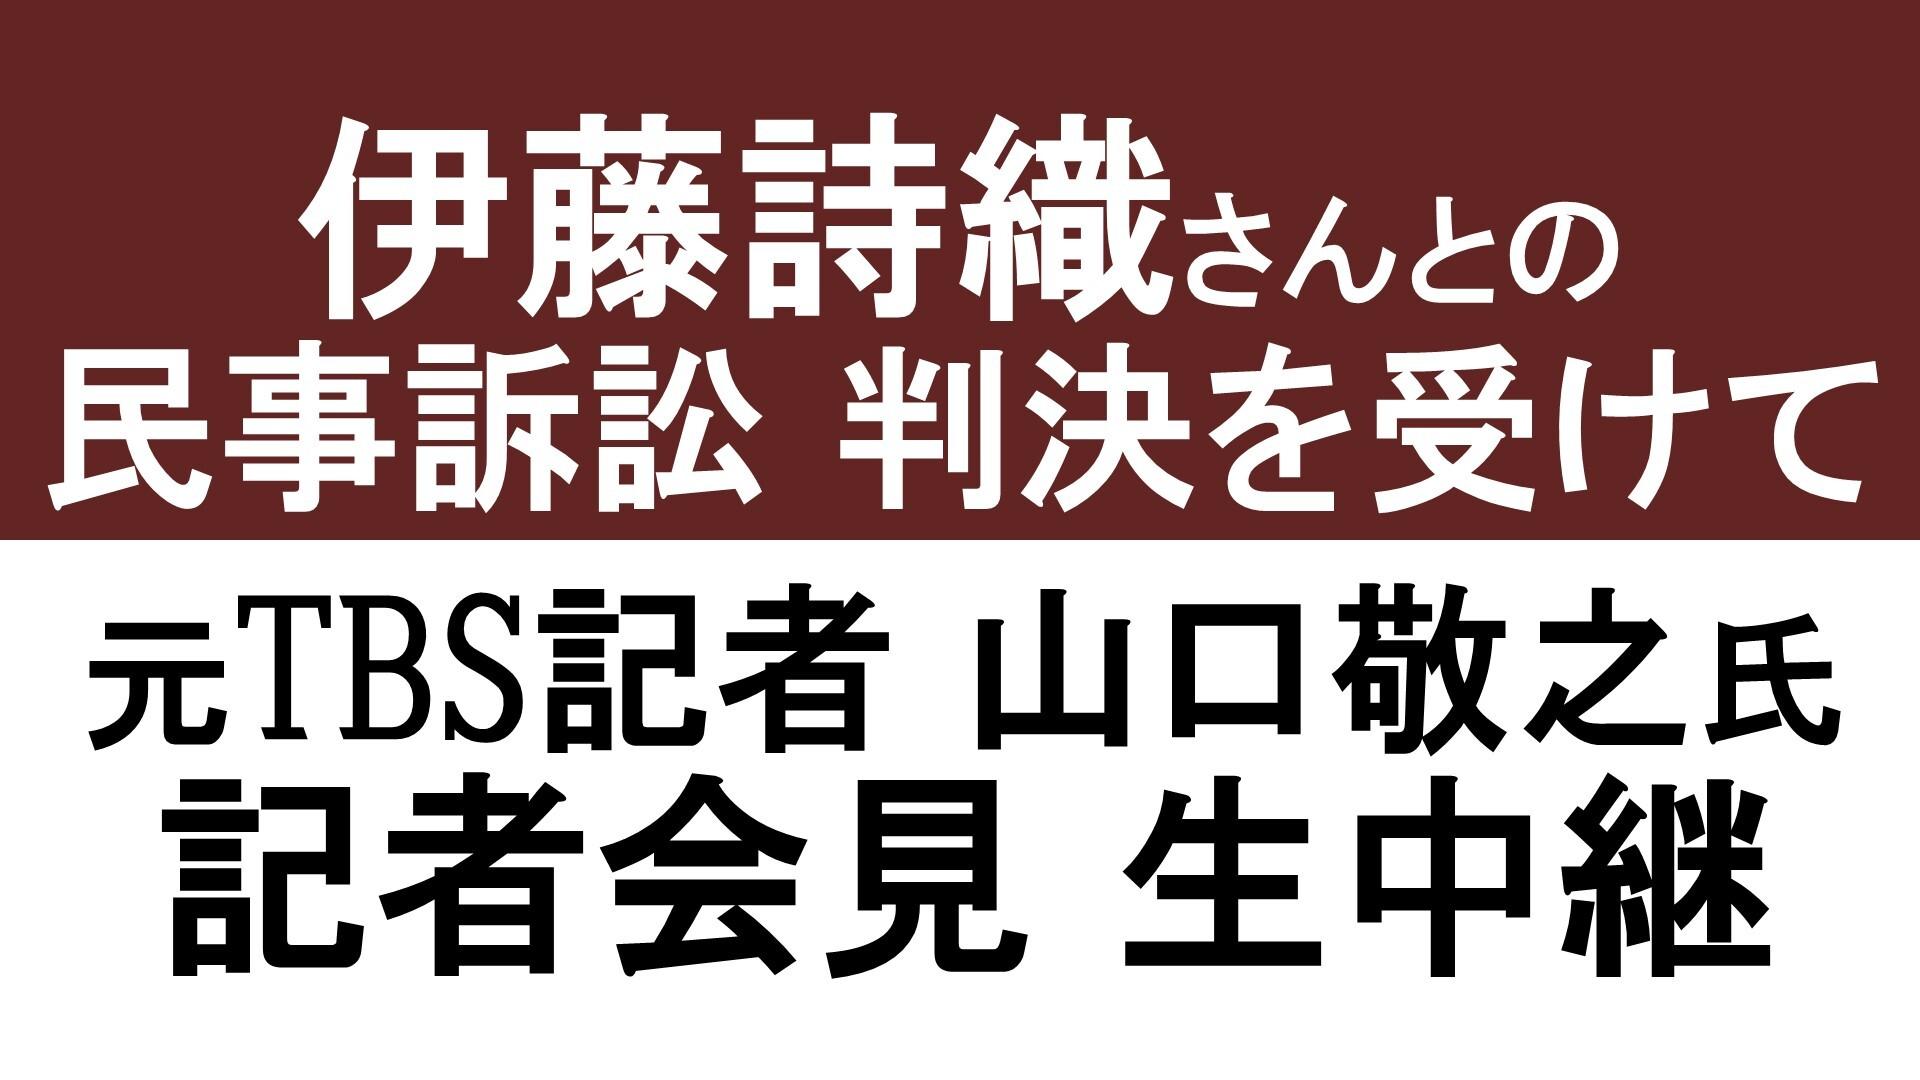 山口 の 敬之 元 氏 tbs 記者